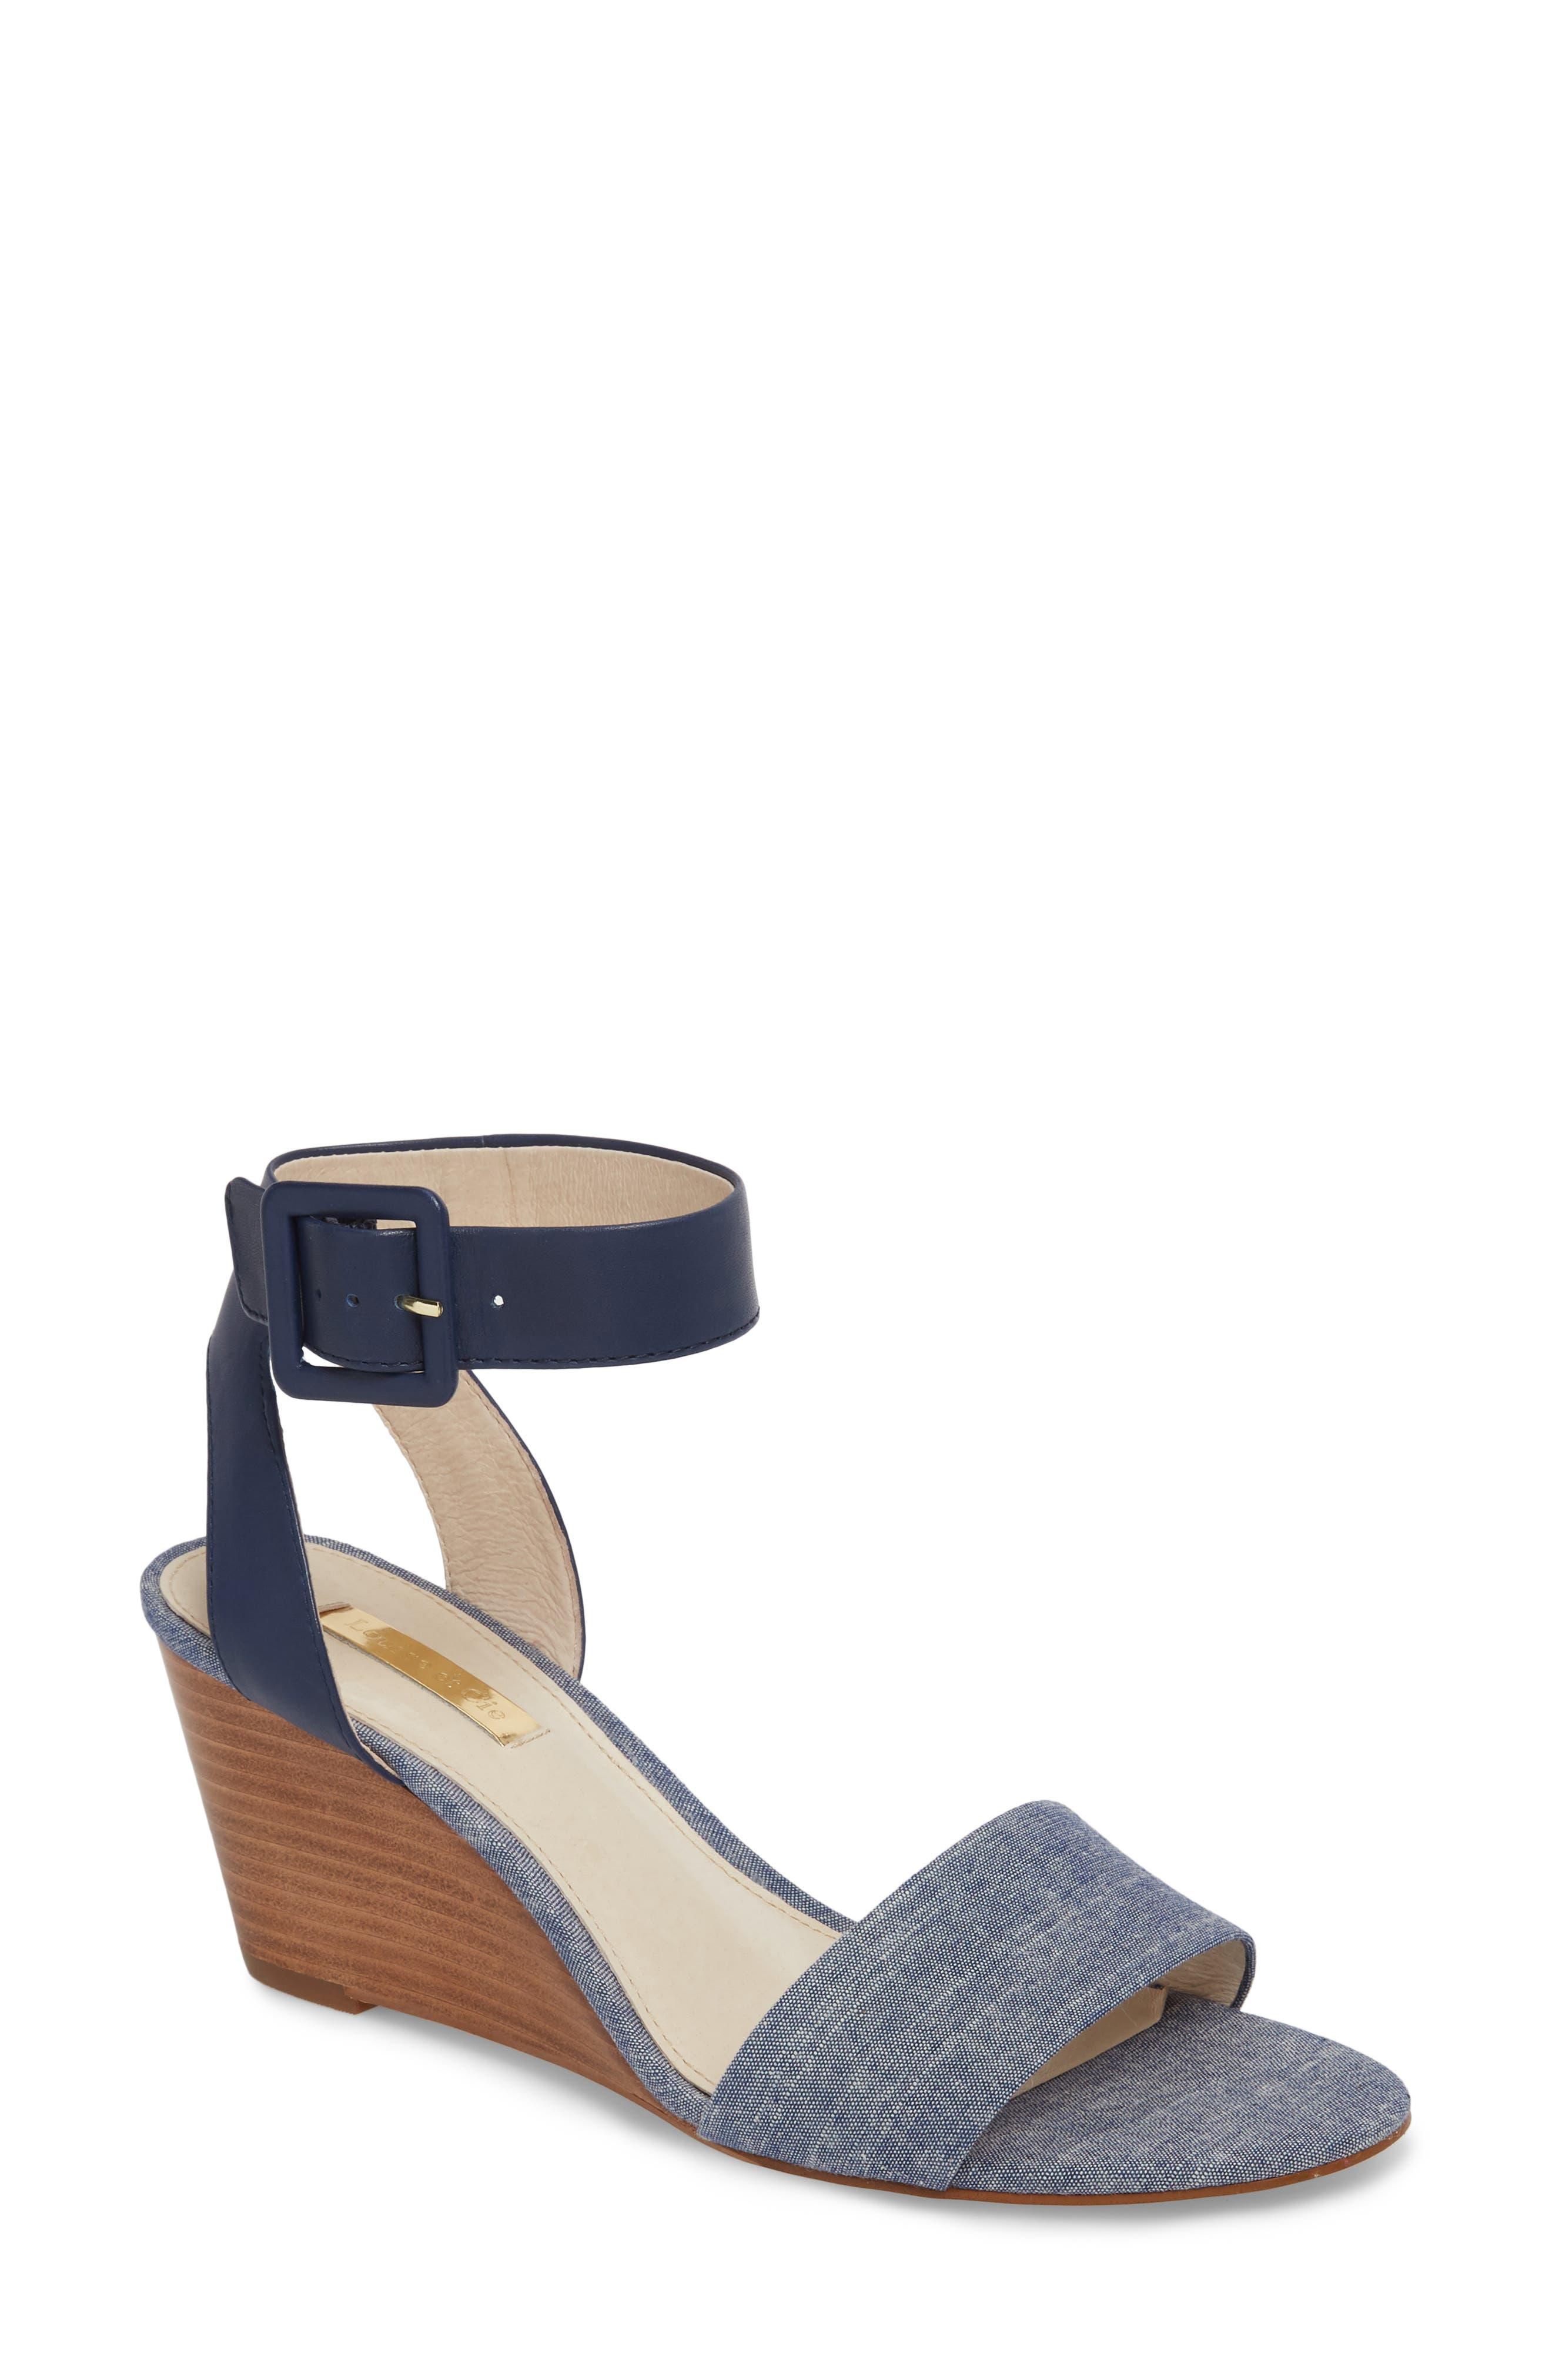 Punya Wedge Sandal,                             Main thumbnail 1, color,                             Denim Fabric